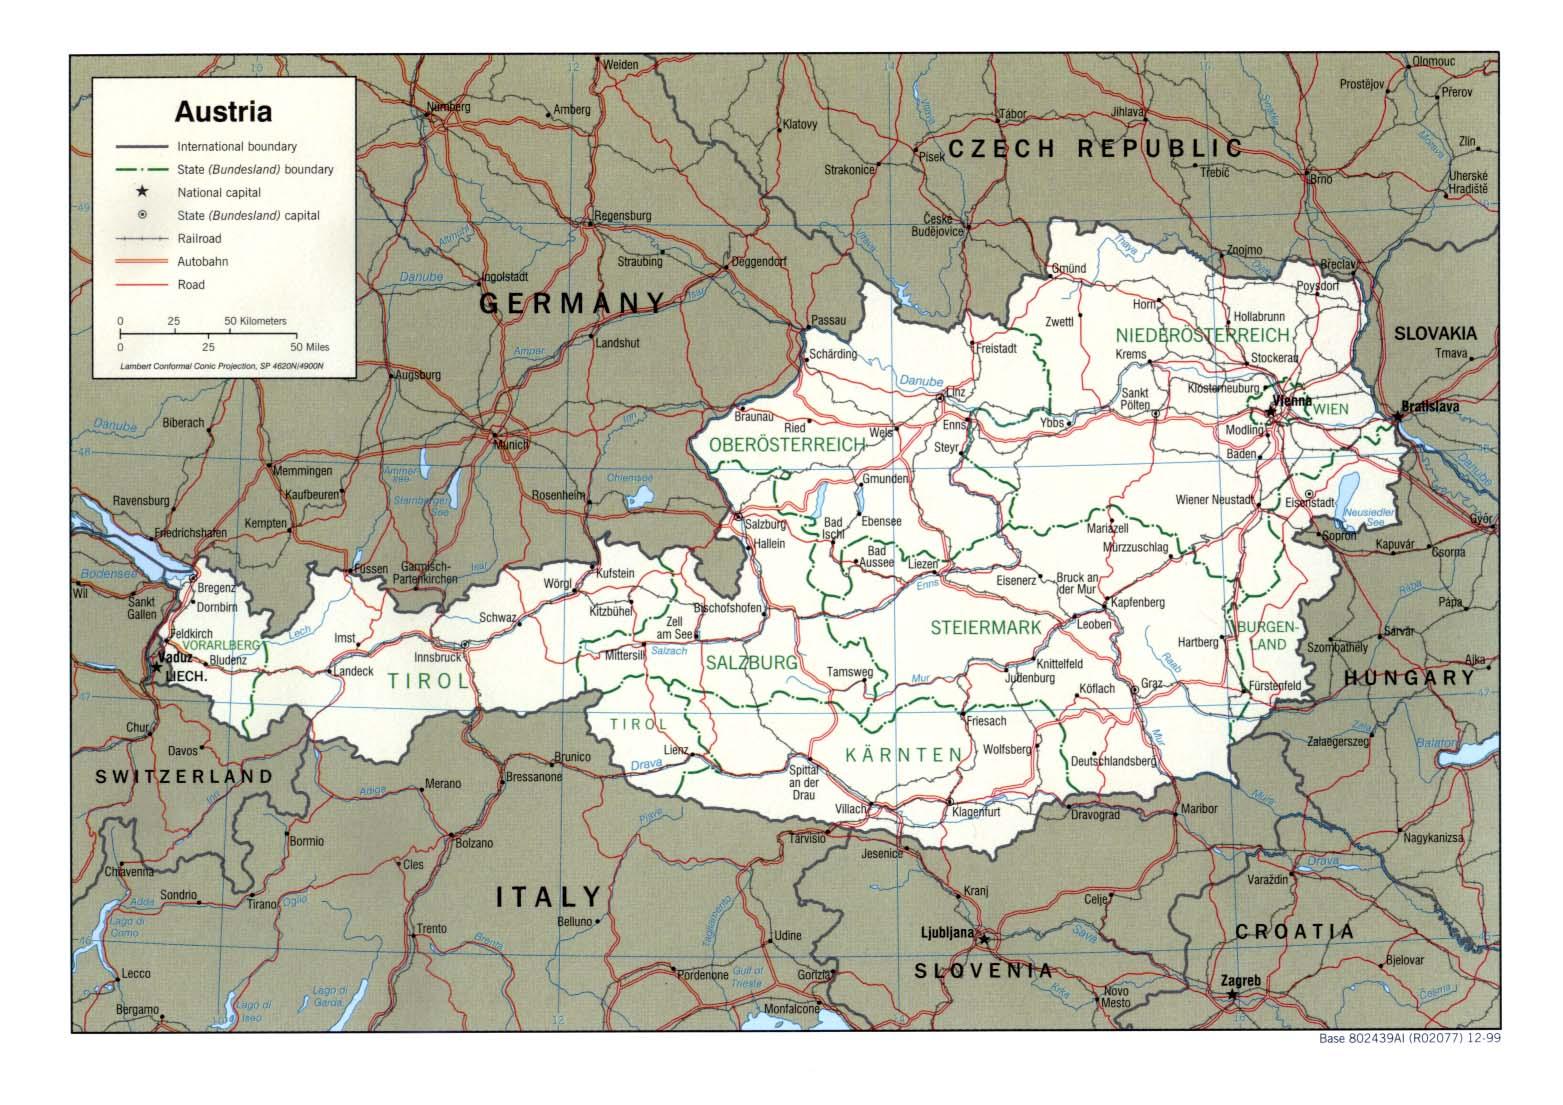 Alquiler de vacaciones en Viajes Austria Información de la Oficina de Turismo de Austria